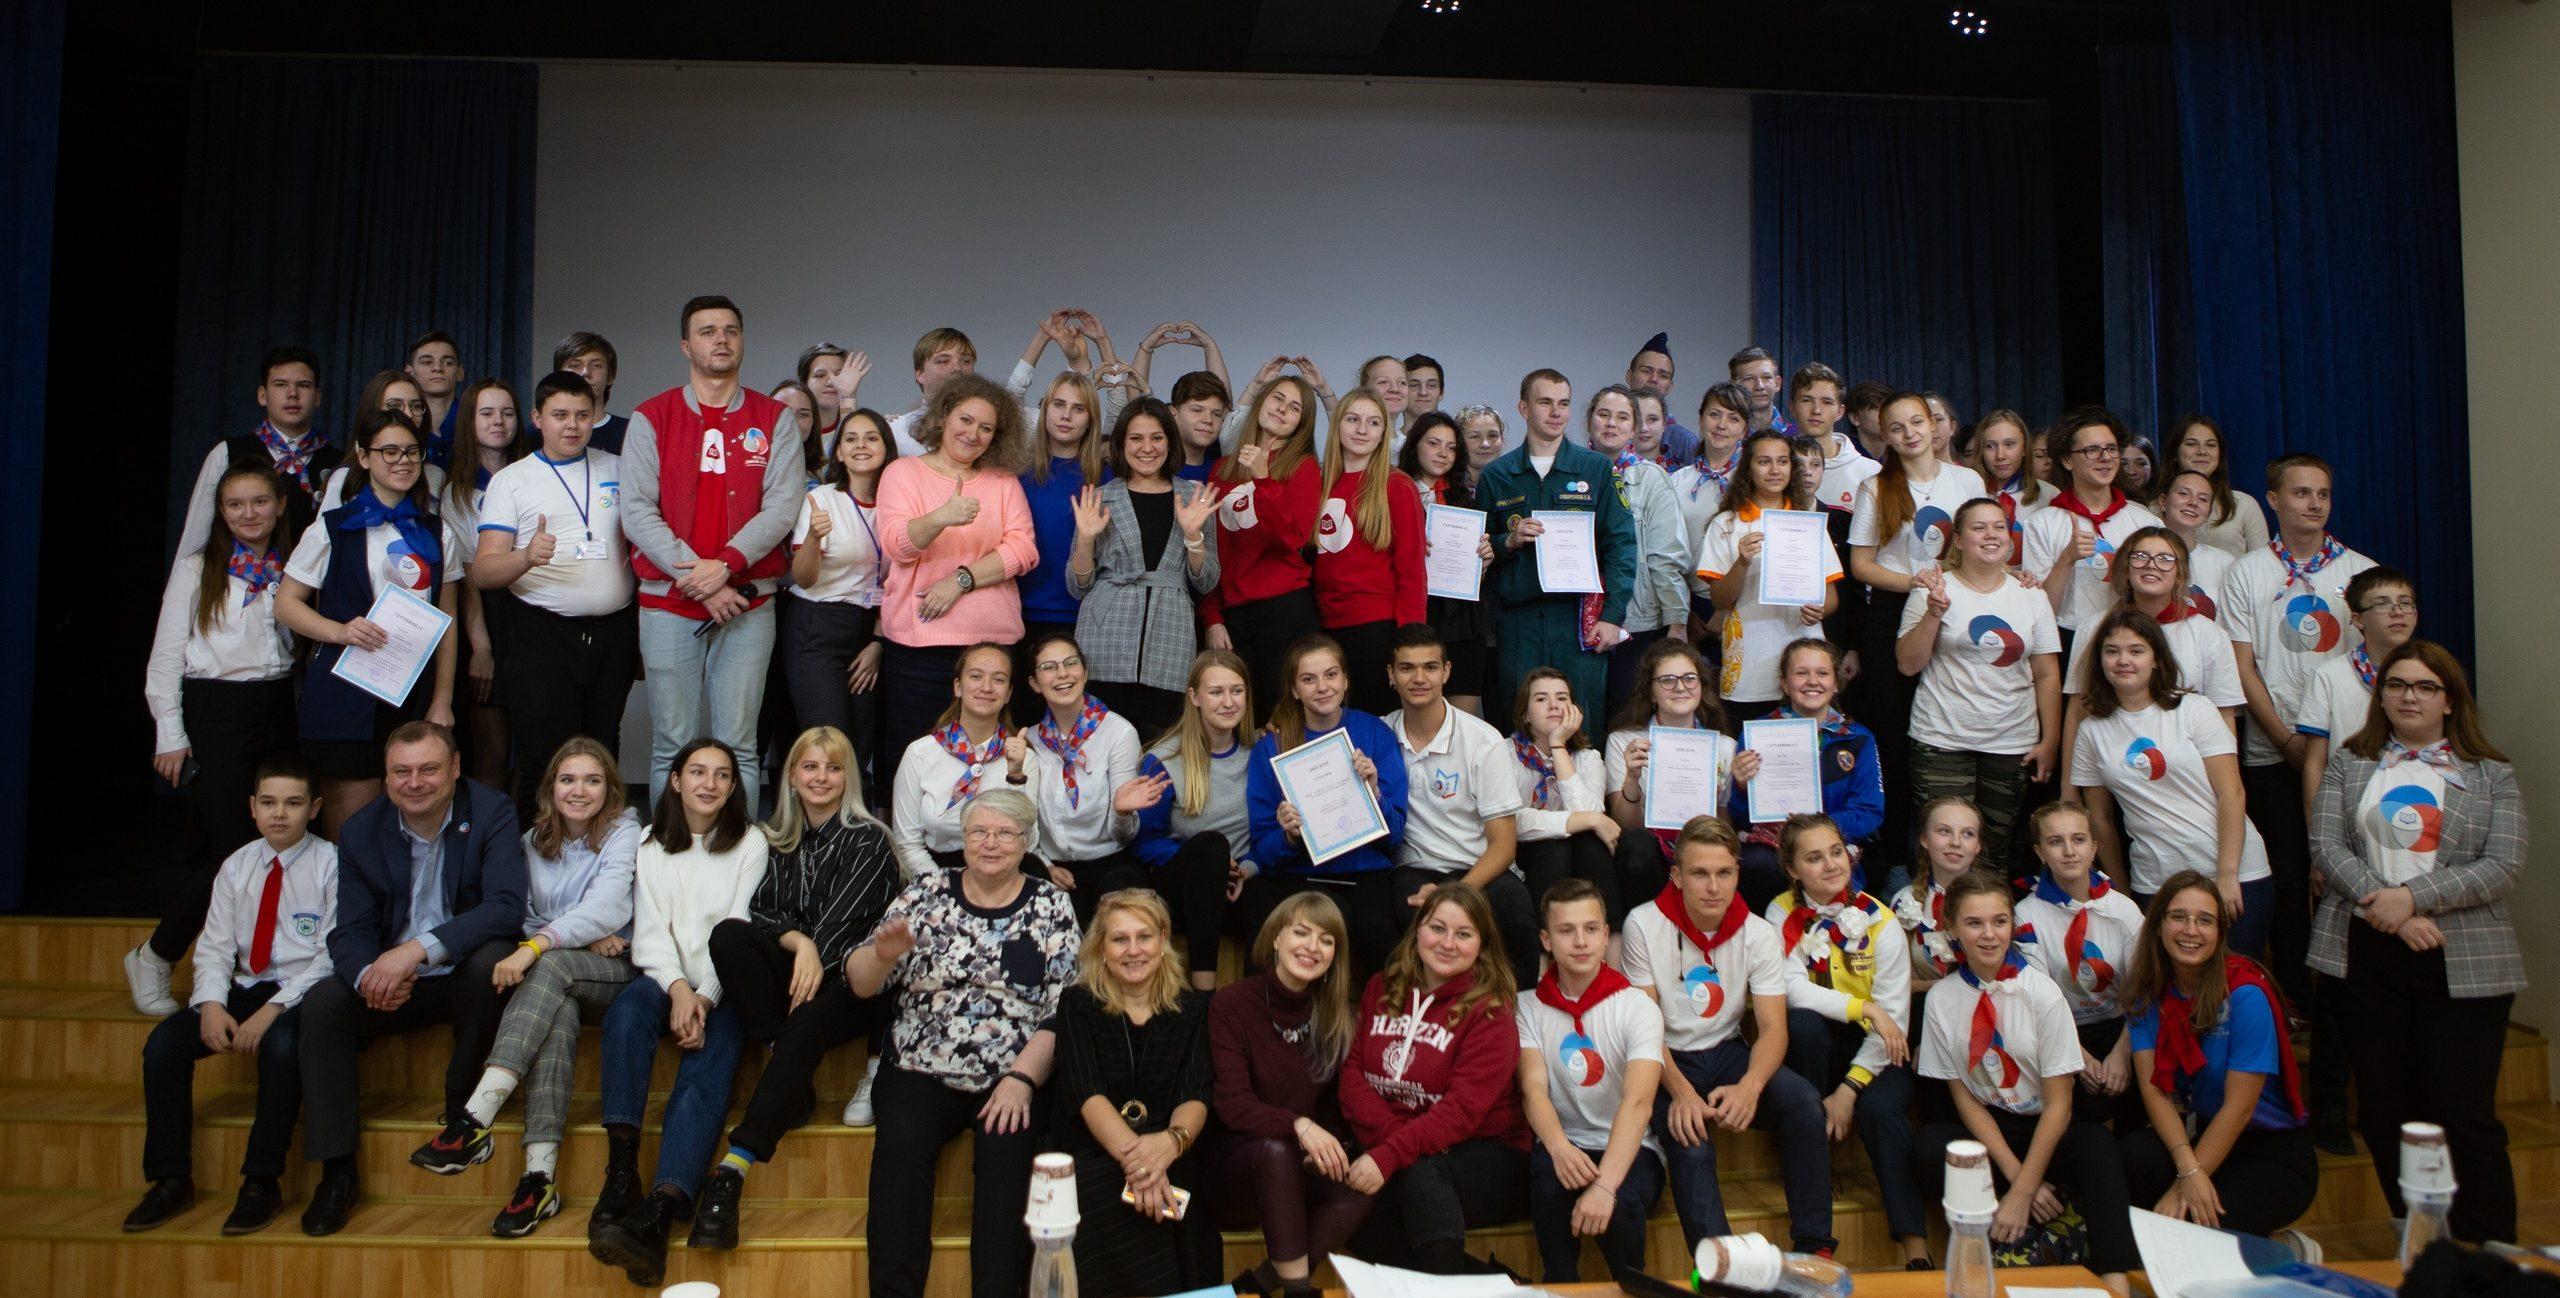 Региональный этап Всероссийского конкурса «Лучшая команда РДШ»